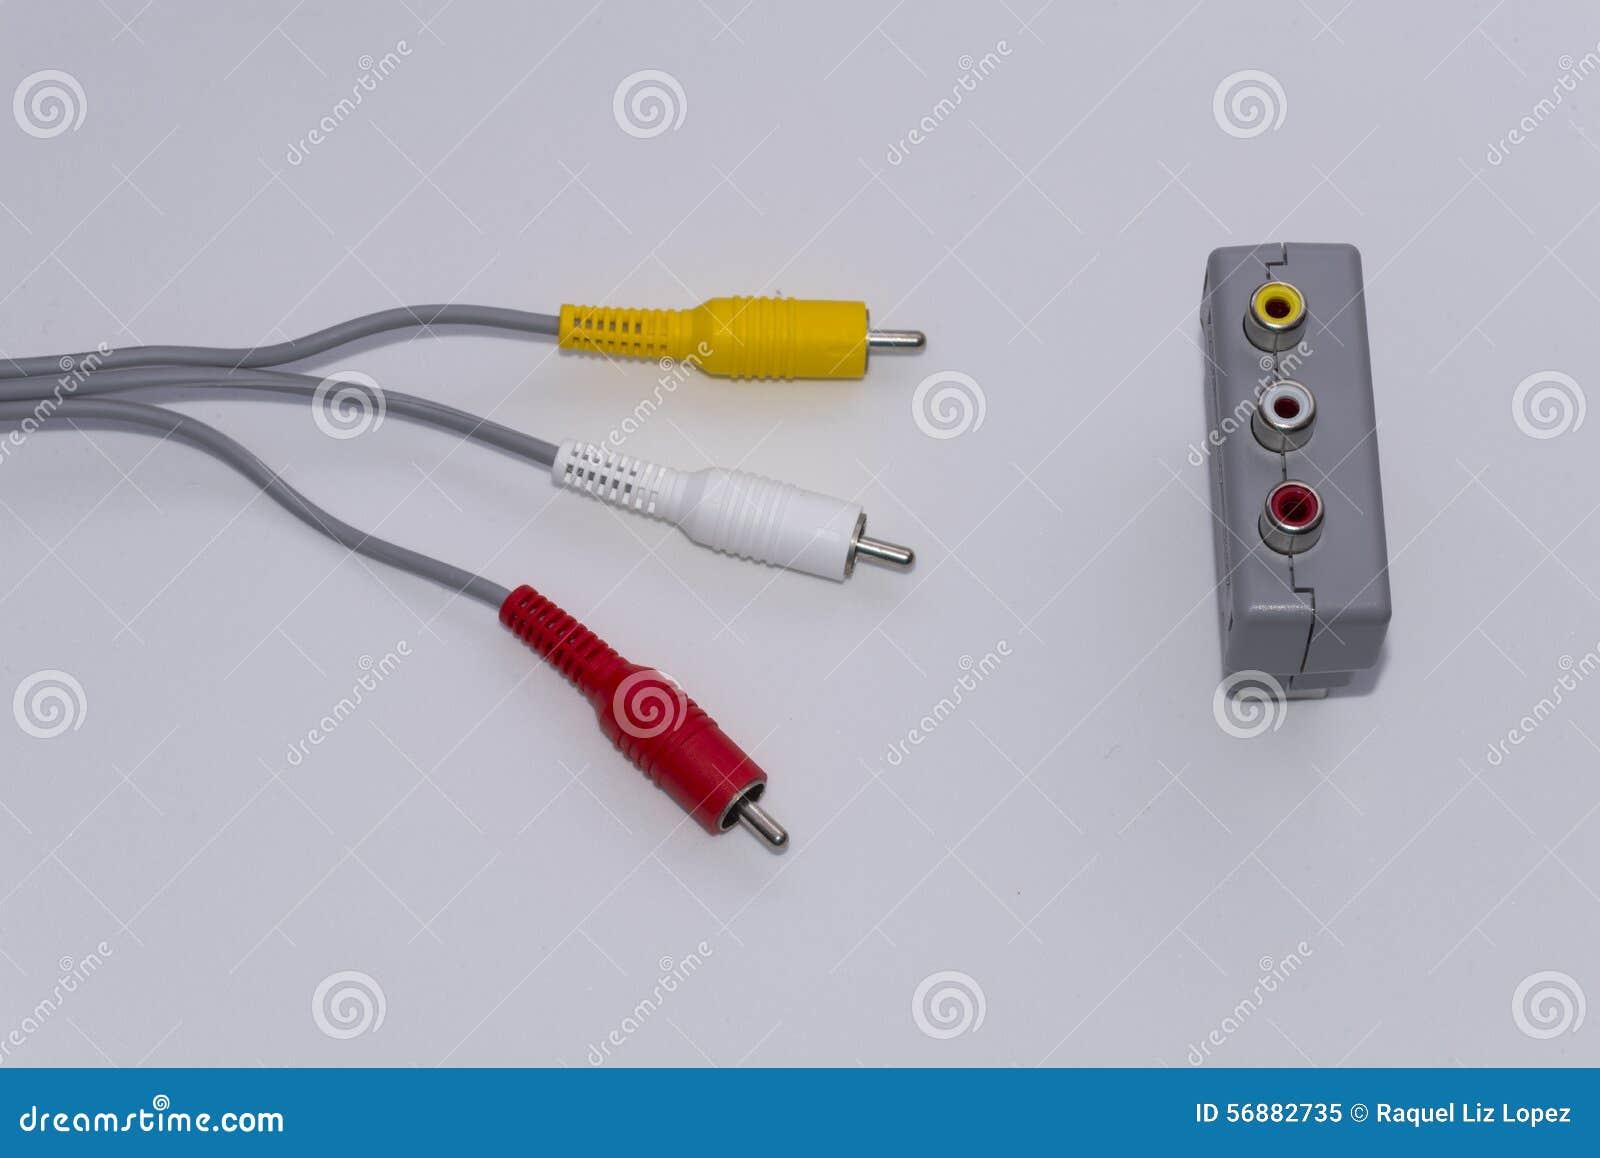 Video connectors.